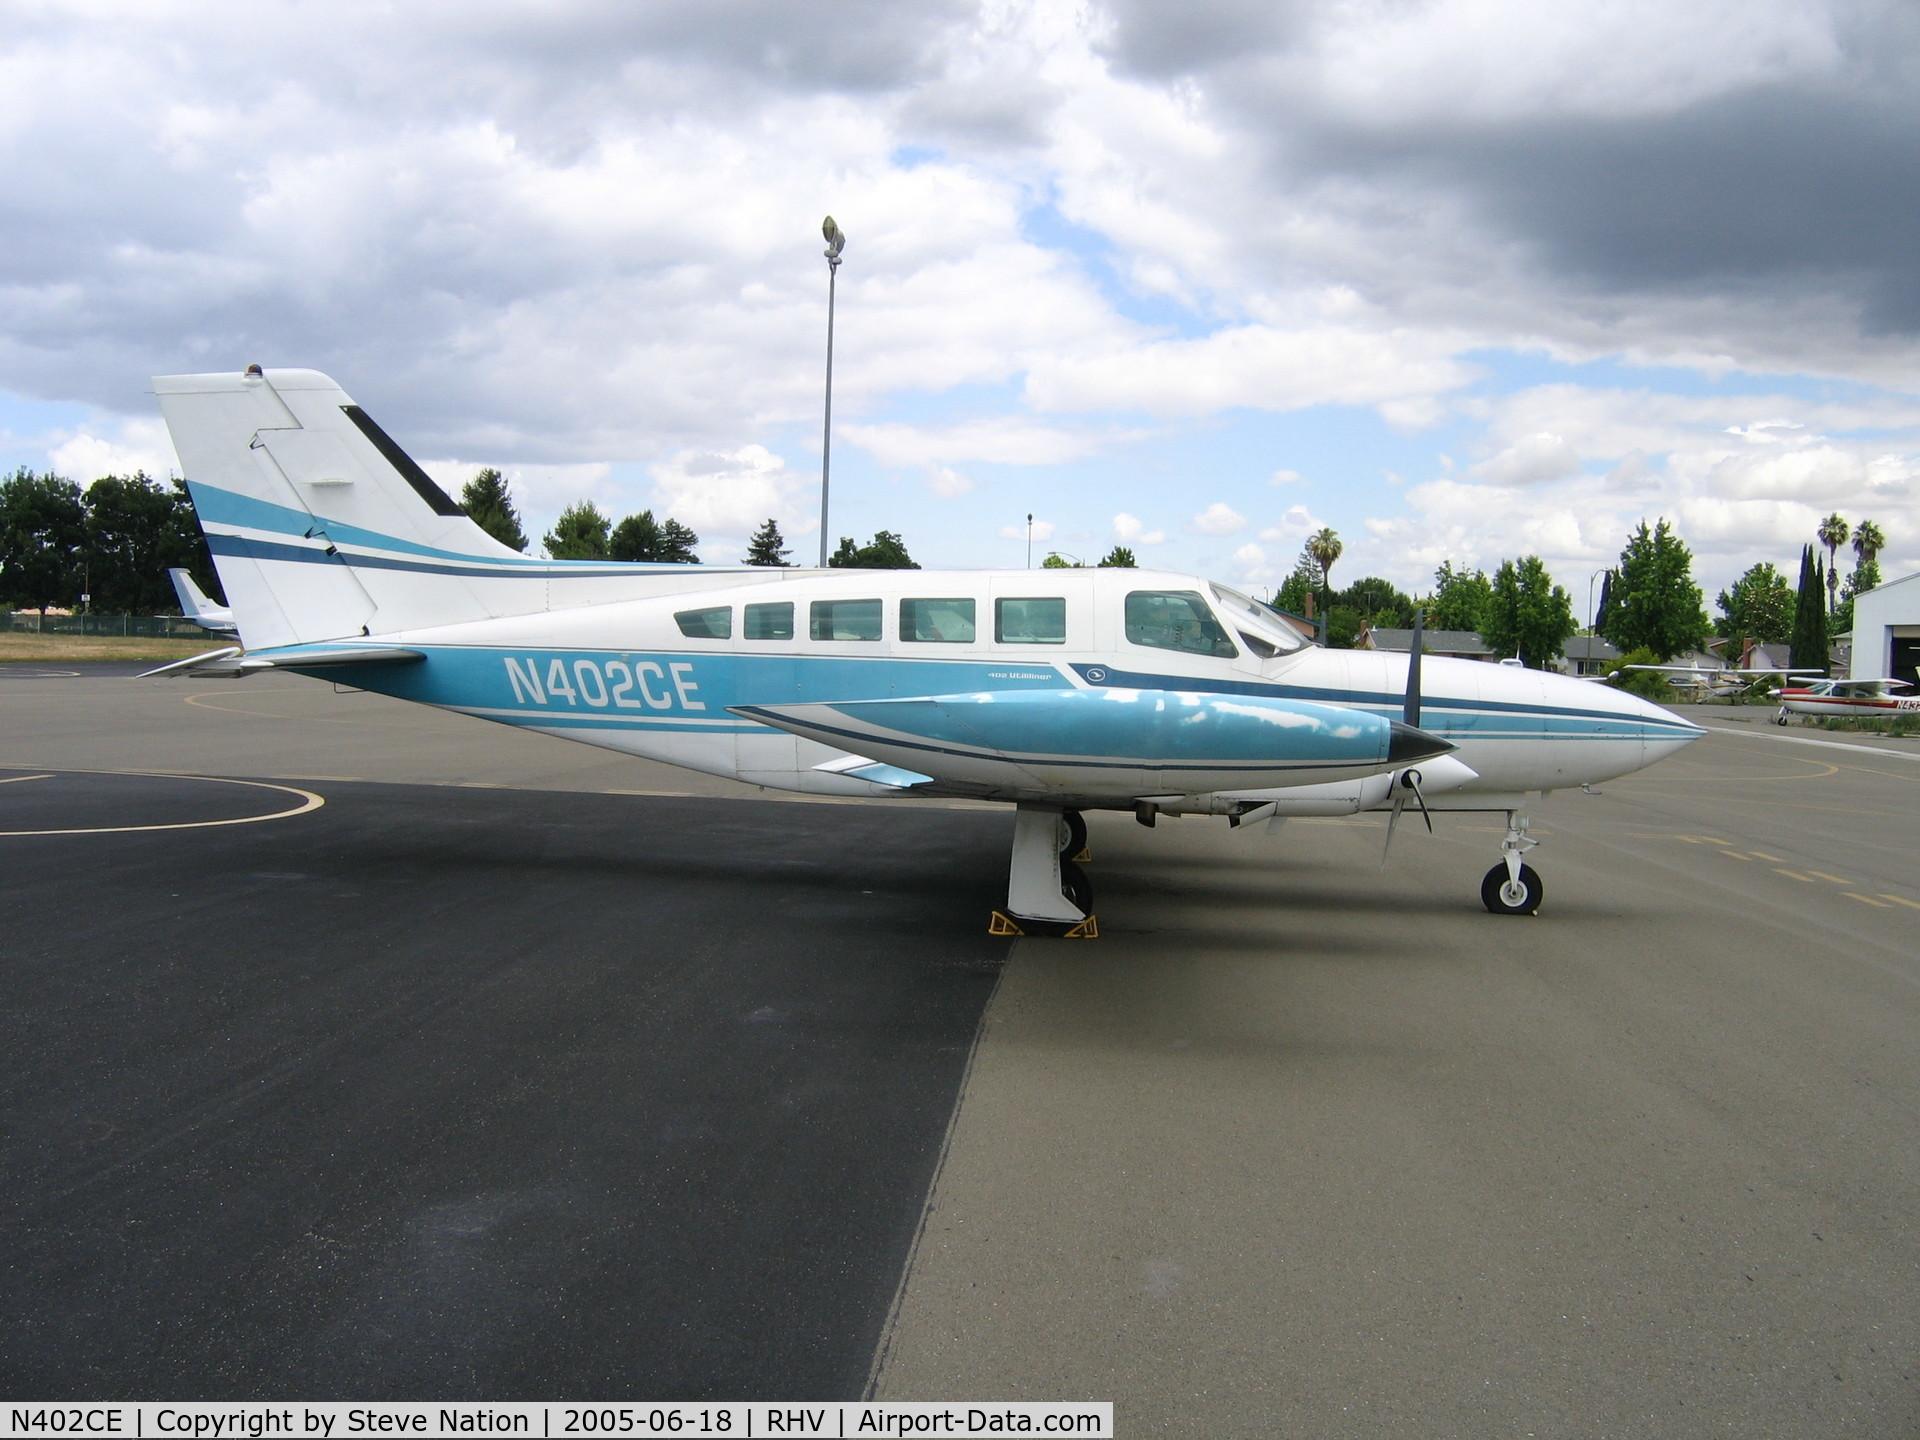 N402CE, 1973 Cessna 402B Utiliner C/N 402B0364, California Nice Air 1973 Cessna 402B at Reid-Hillview Airport, San Jose, CA